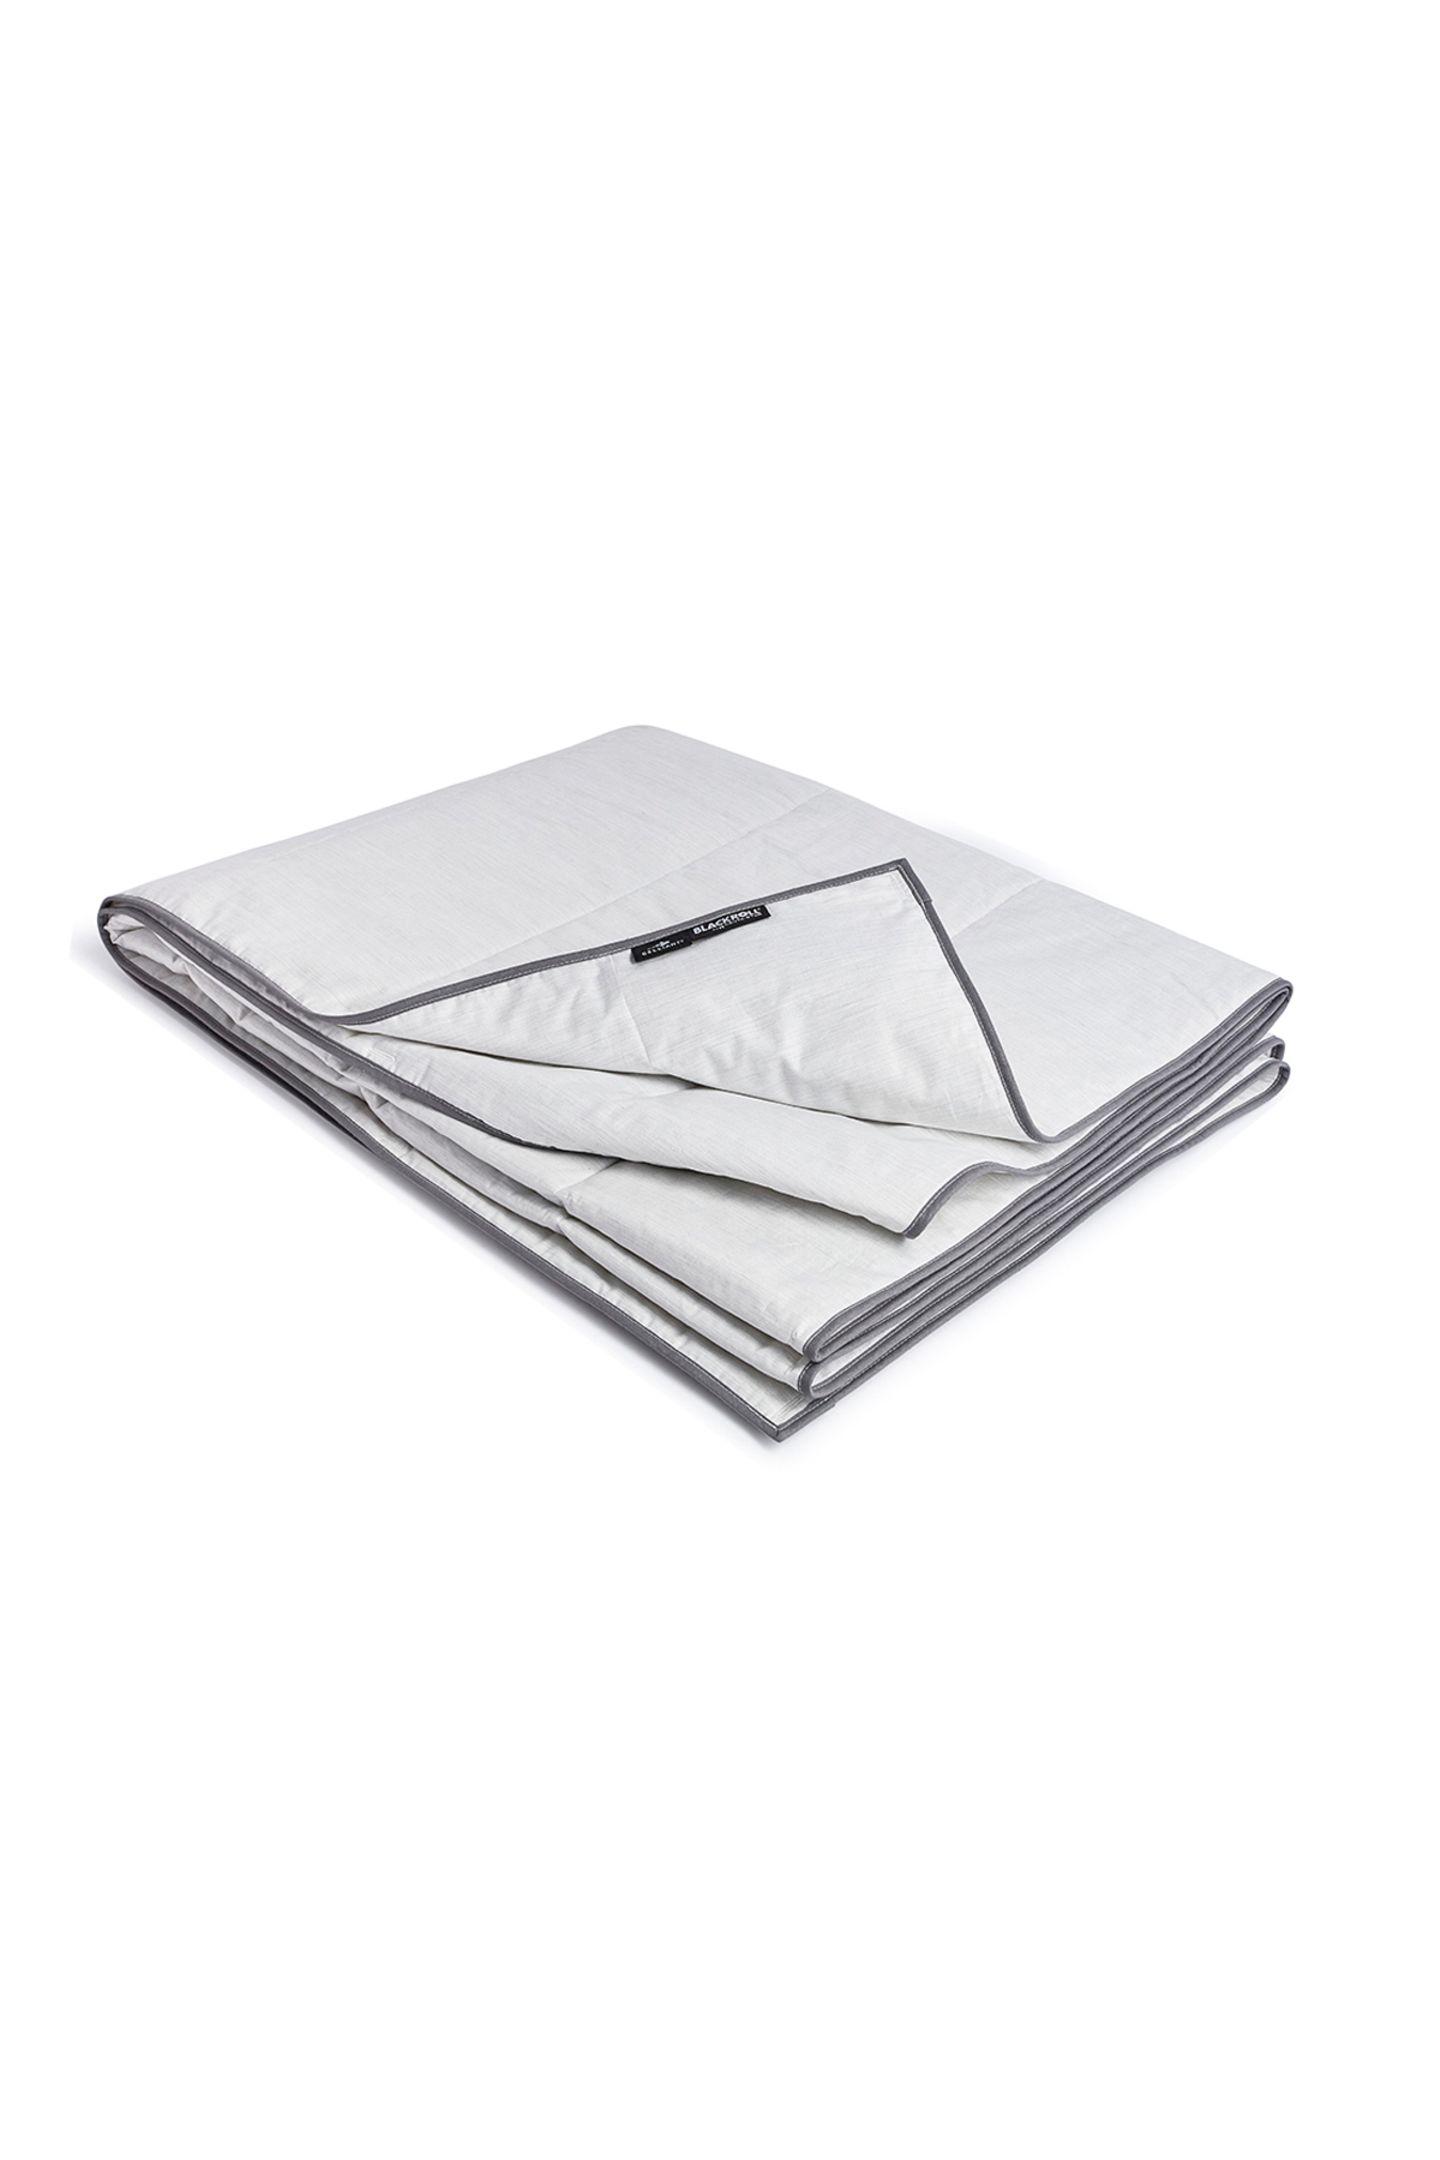 Fit im Schlaf.Diese Decke hilft dabei, buchstäblich fit im Schlaf zu werden. Die ultraleichte Decke ist aus speziellen Celliant® Fasern gewebt, die mit thermoreaktiven Mineralien versetzt sind und Körperwärme in Energie umwandeln. Diese Energie geben sie im Schlaf zurück an den Körper und verbessern so die eigene Leistungsfähigkeit und Widerstandskraft. Recovery Blanket Ultralite, von Blackroll, kostet ca. 180 Euro.